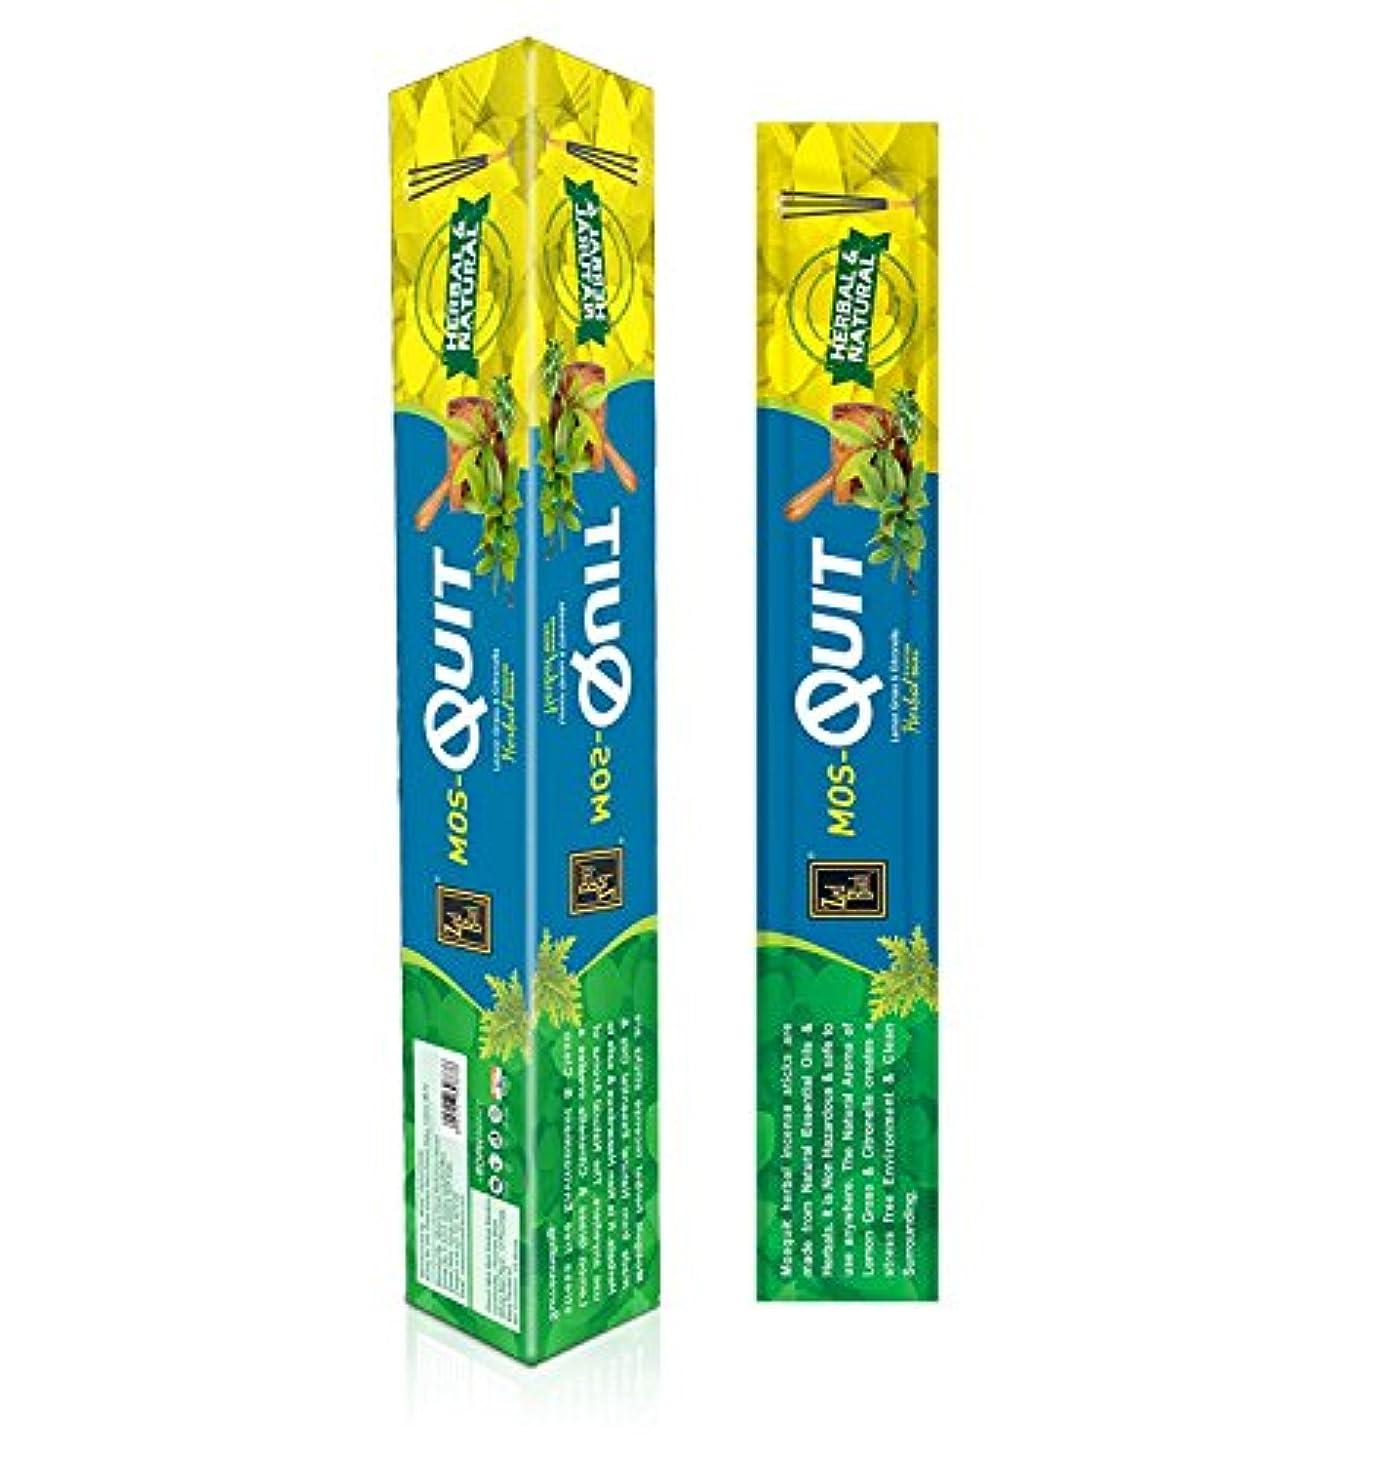 一生メモブレースMosquit Incense Sticks – 120ハーブスティック – Mosquito Repellent自然な香りSticks – 効果的な& worthy-madeから天然エッセンシャルオイル、ハーブ製品 –...